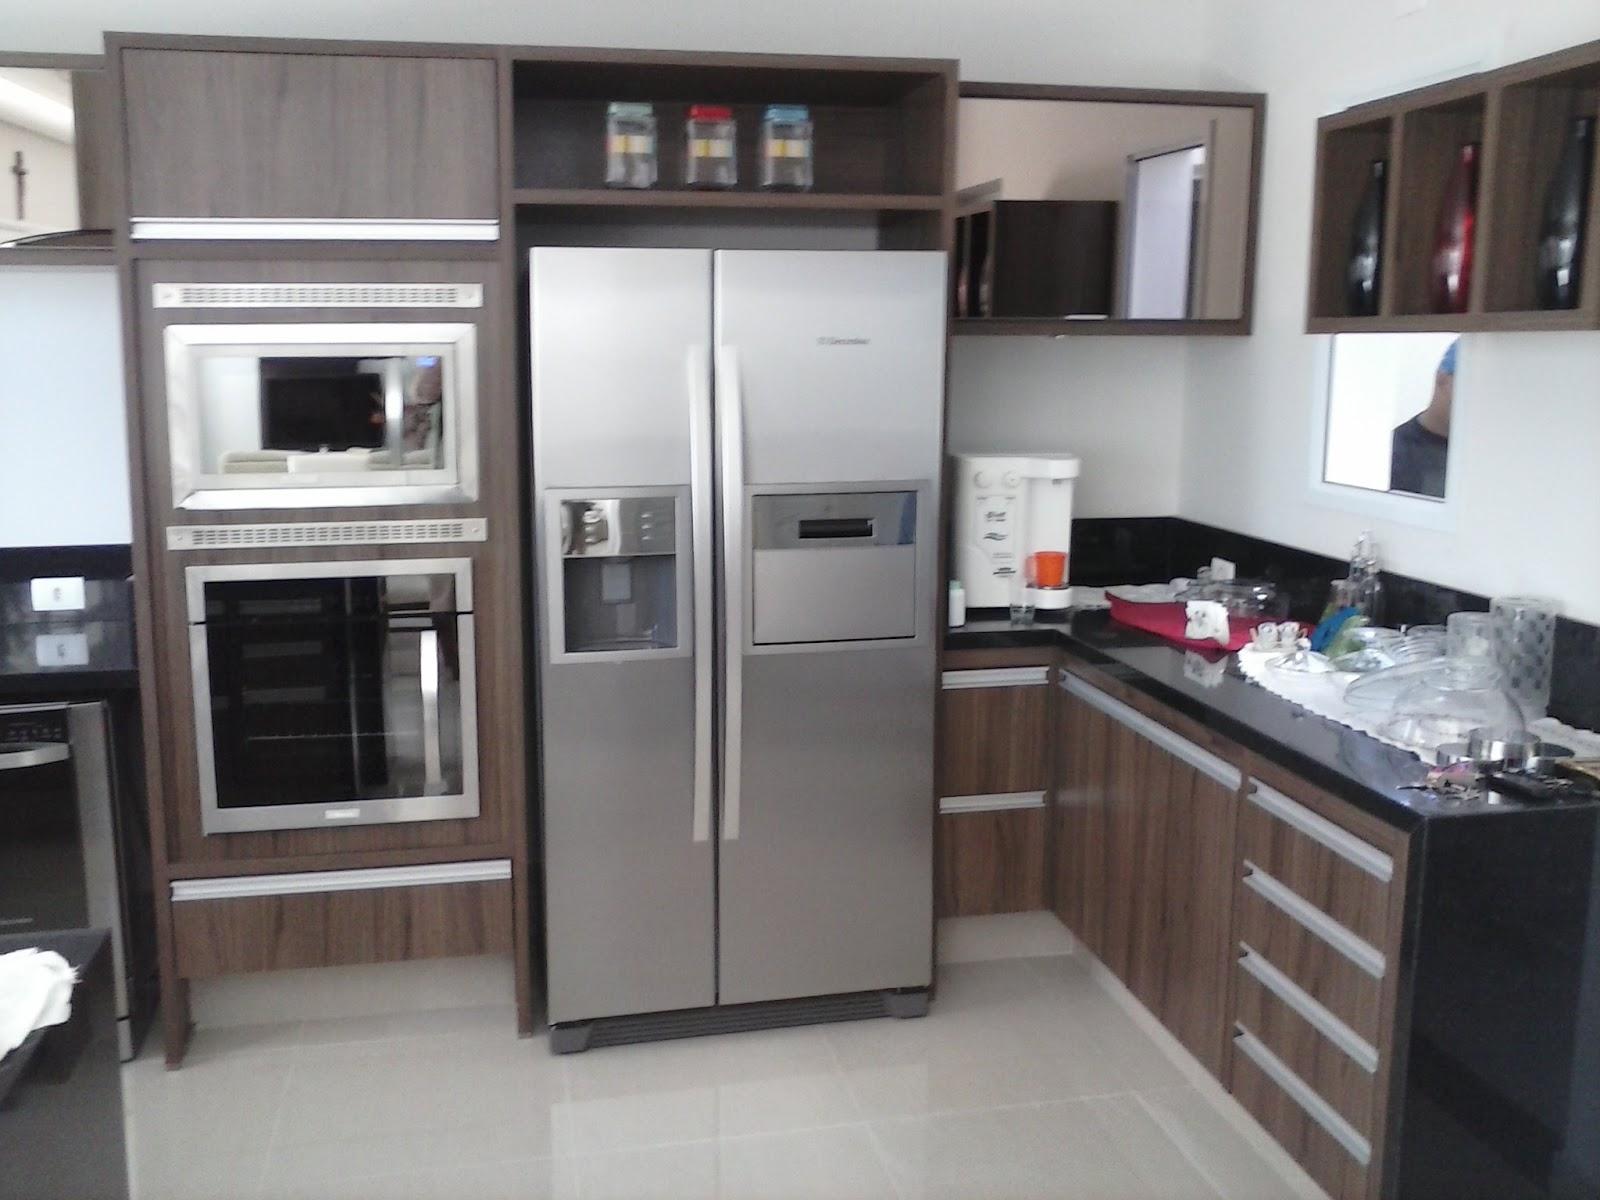 Móveis & Design o Bom Gosto em sua casa: cozinha moderna alto padrão #5E4C47 1600 1200